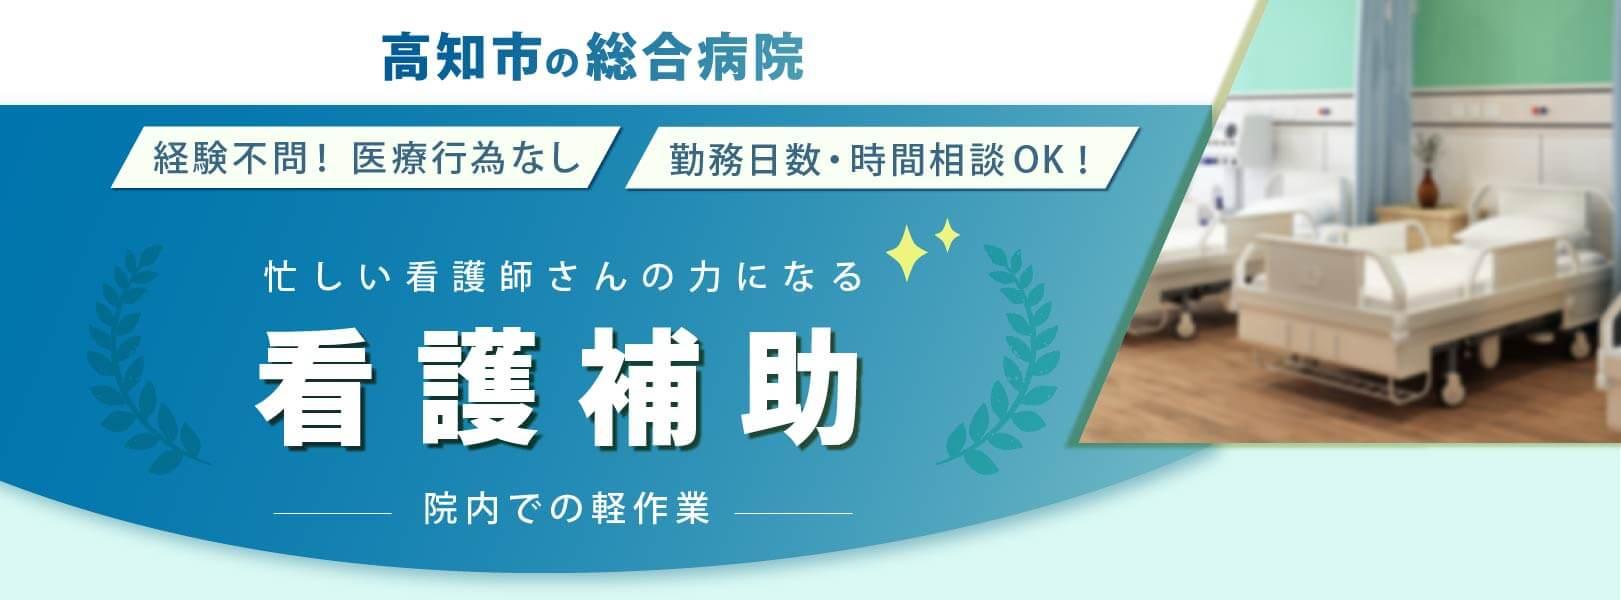 高知市の総合病院での看護補助